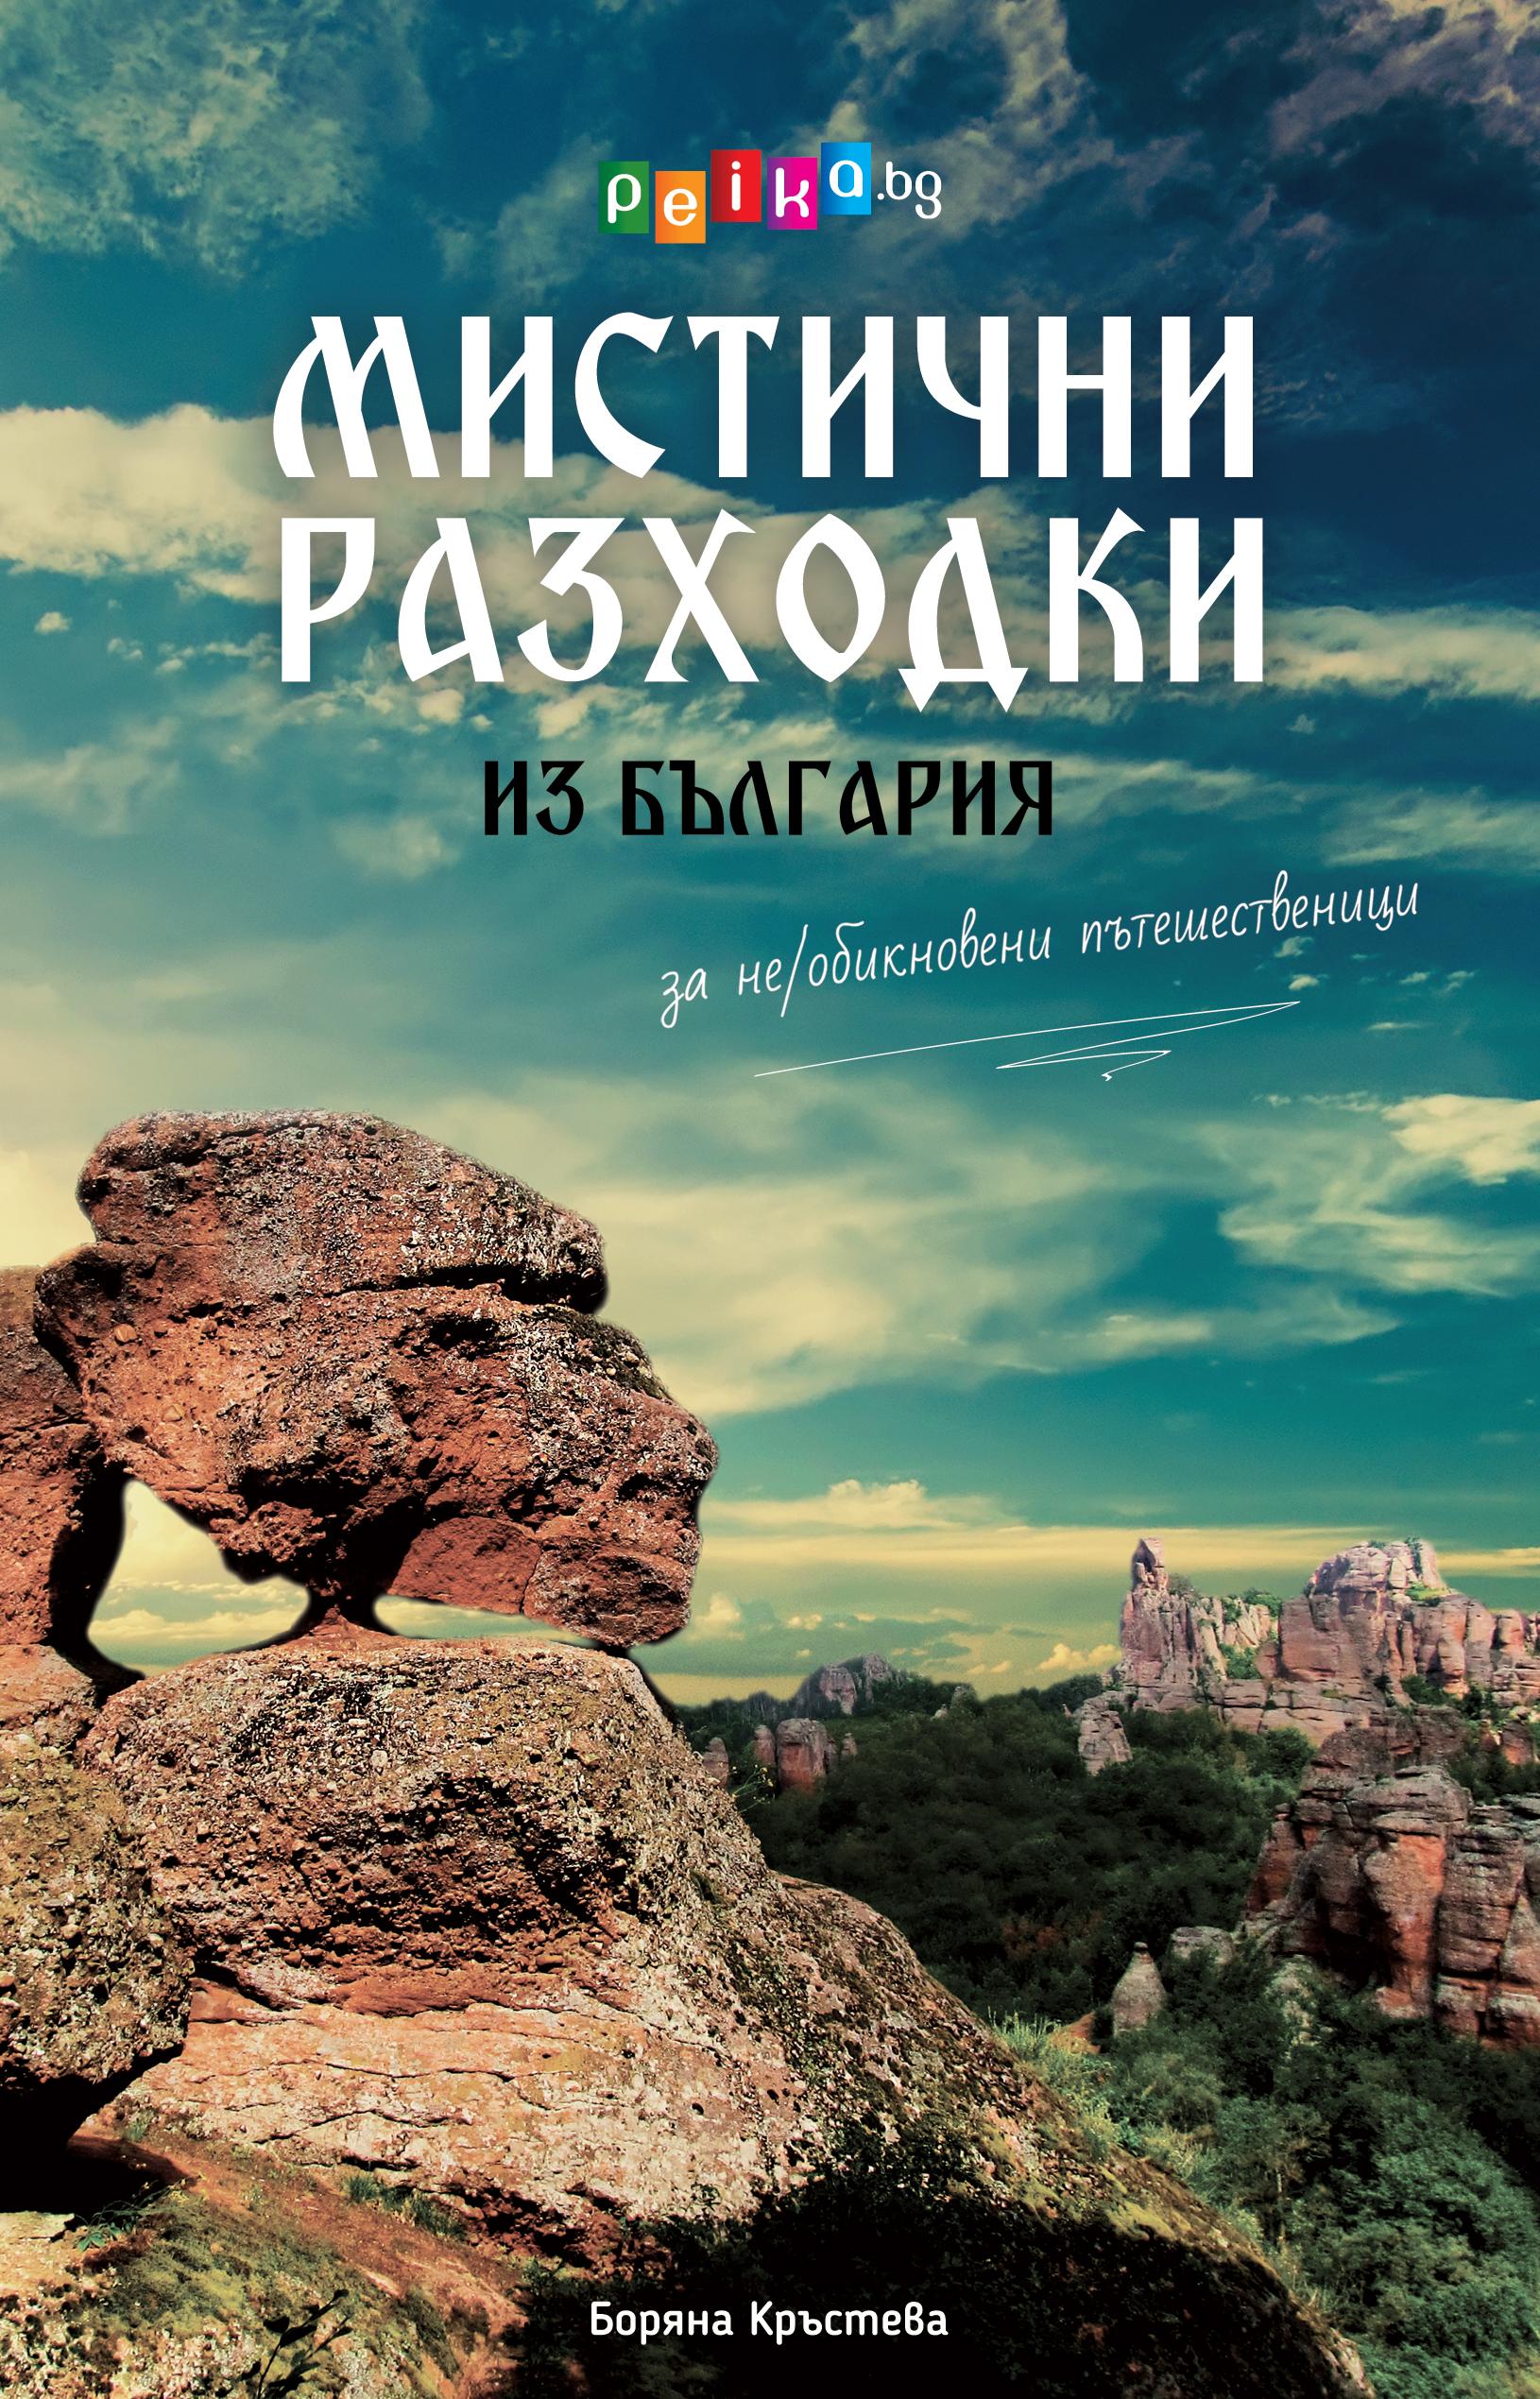 Mistichni_razhodki_Front_Cover_8-3